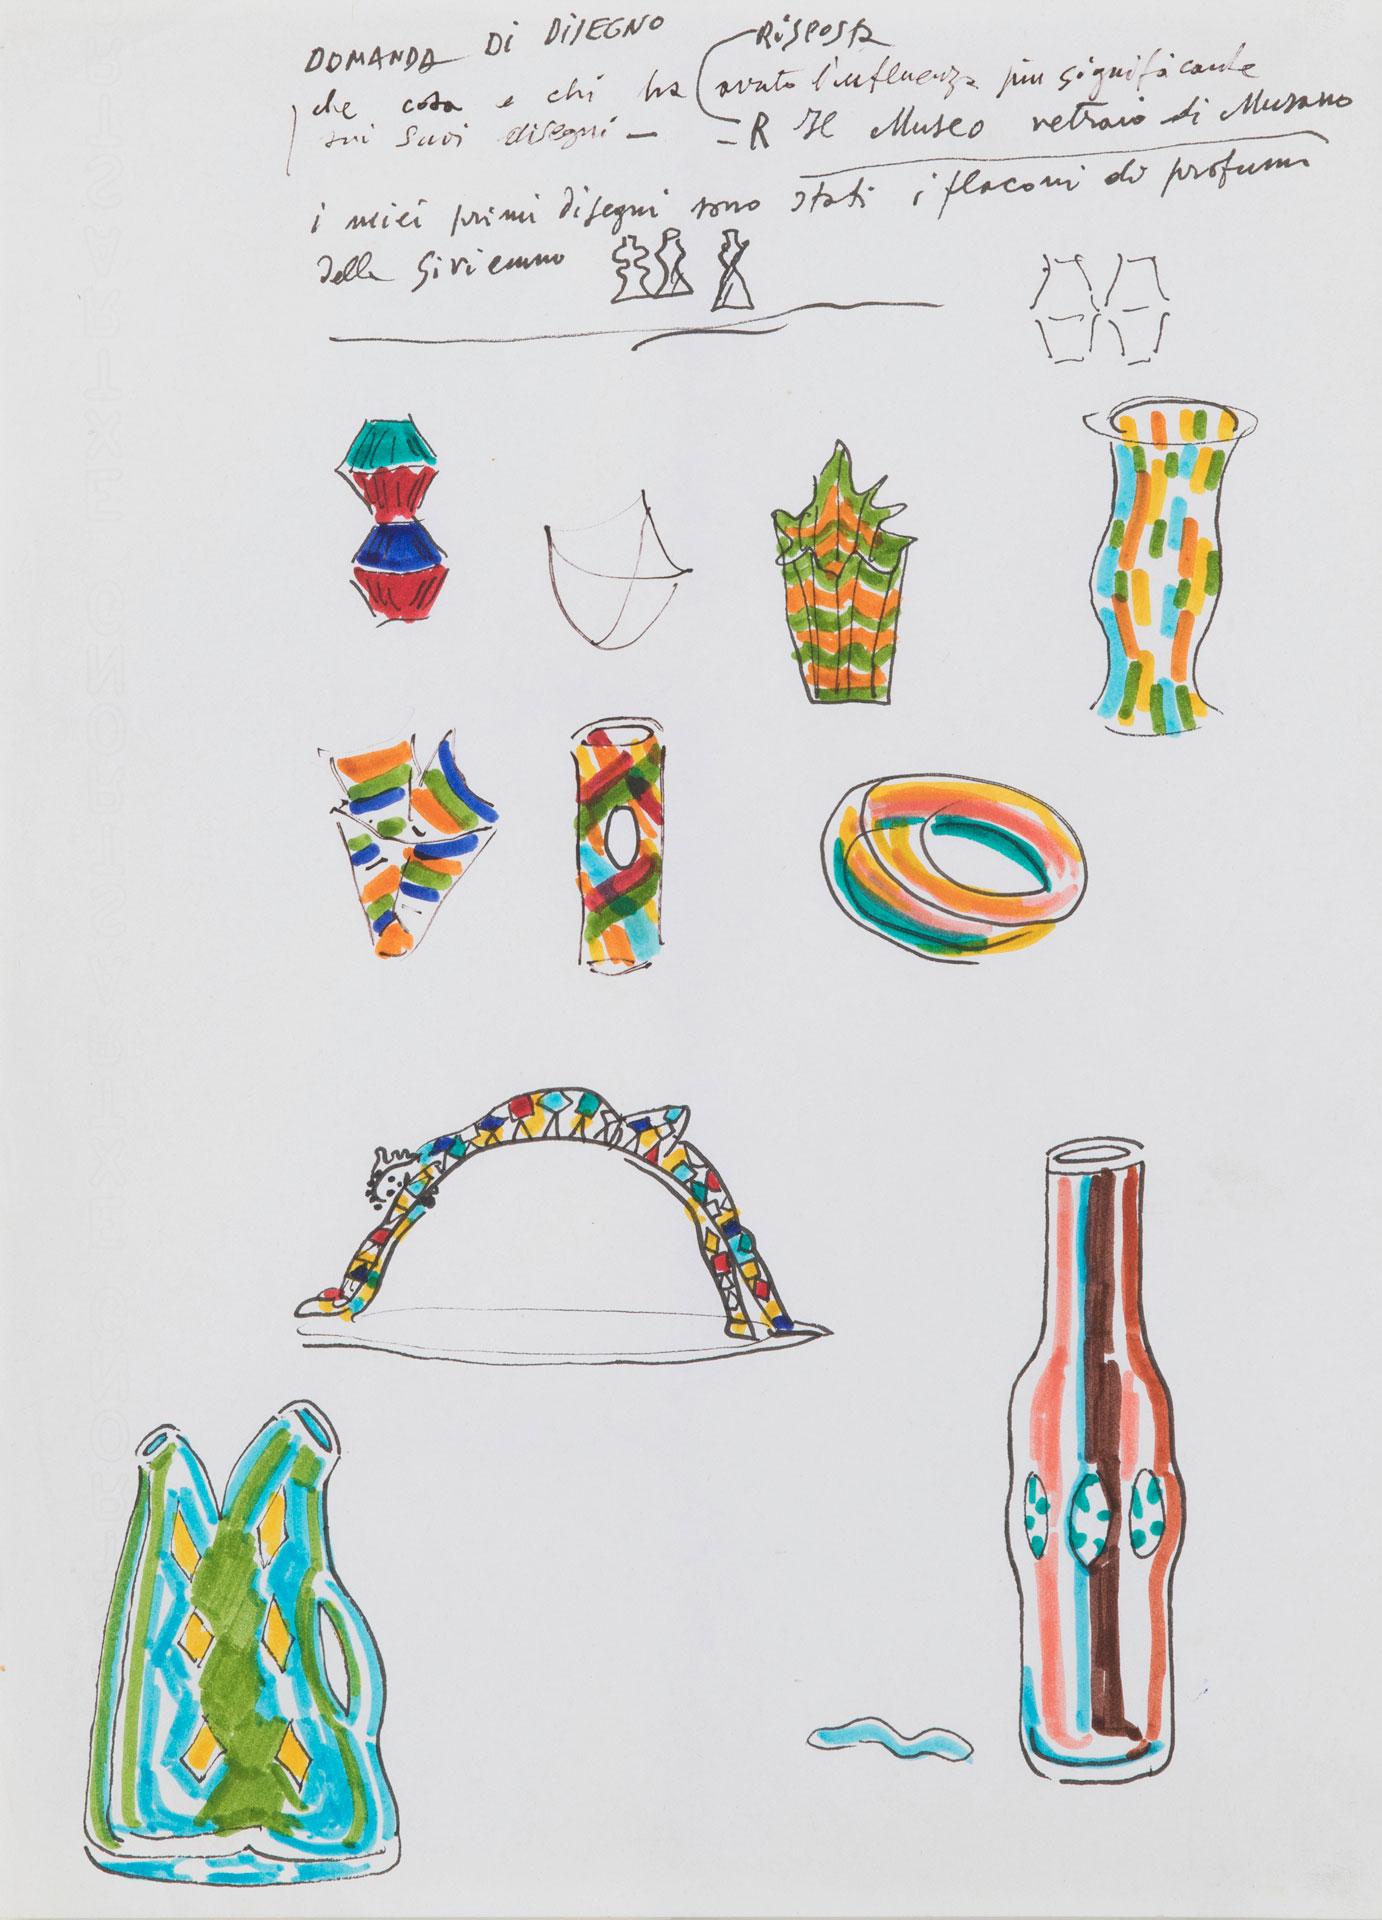 Lotto 42 (179576) Fulvio Bianconi (1915-1996) Lotto composto da 24 disegni a tecnica mista di progetti di vasi in vetro. Alcuni con scritte autografe. Misure diverse Stima € 1.200 - 1.500 Venduto a 8.750 €